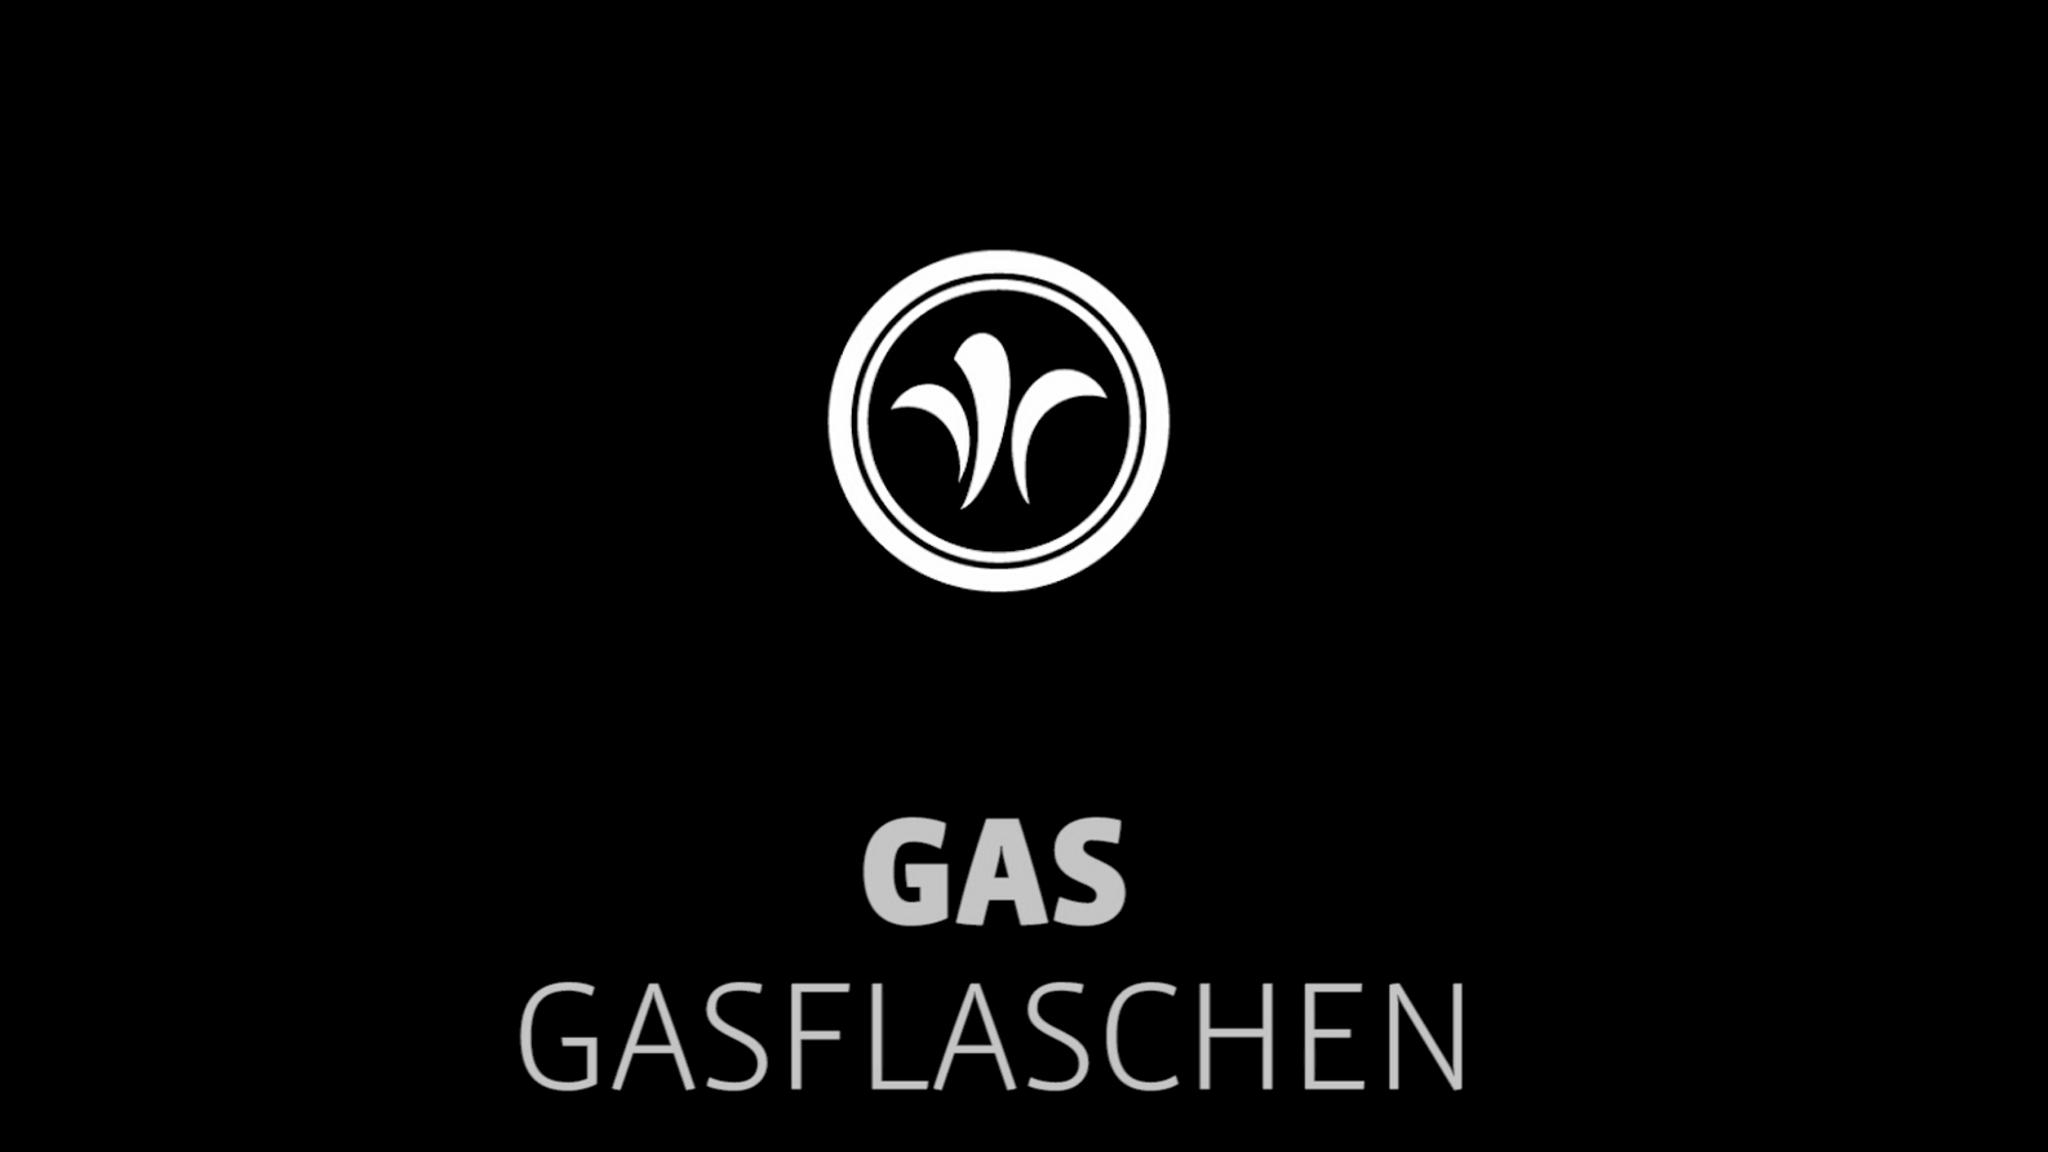 Wohnmobil Gasflasche // Niesmann+Bischoff – Reisemobil (Modell ARTO) // 2019 // G1